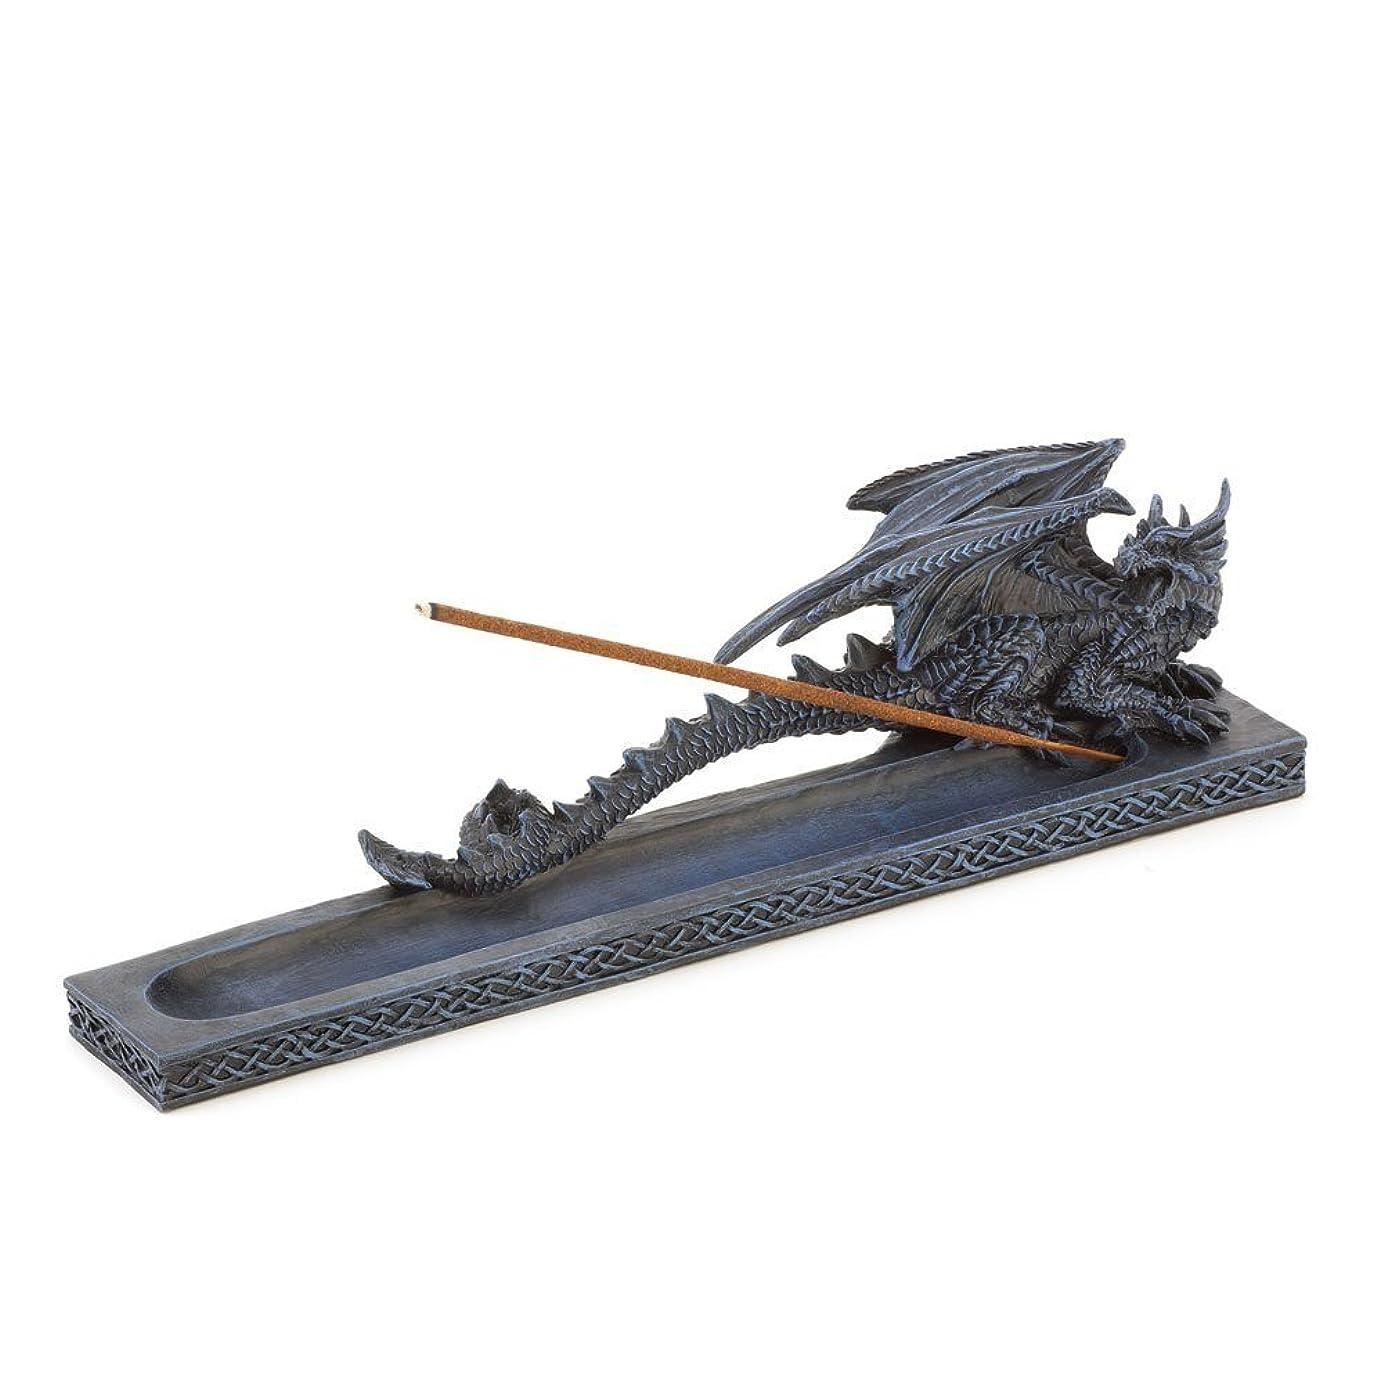 アンペア規範闇Incense Burners、樹脂ドラゴン香炉像for Incense Stick